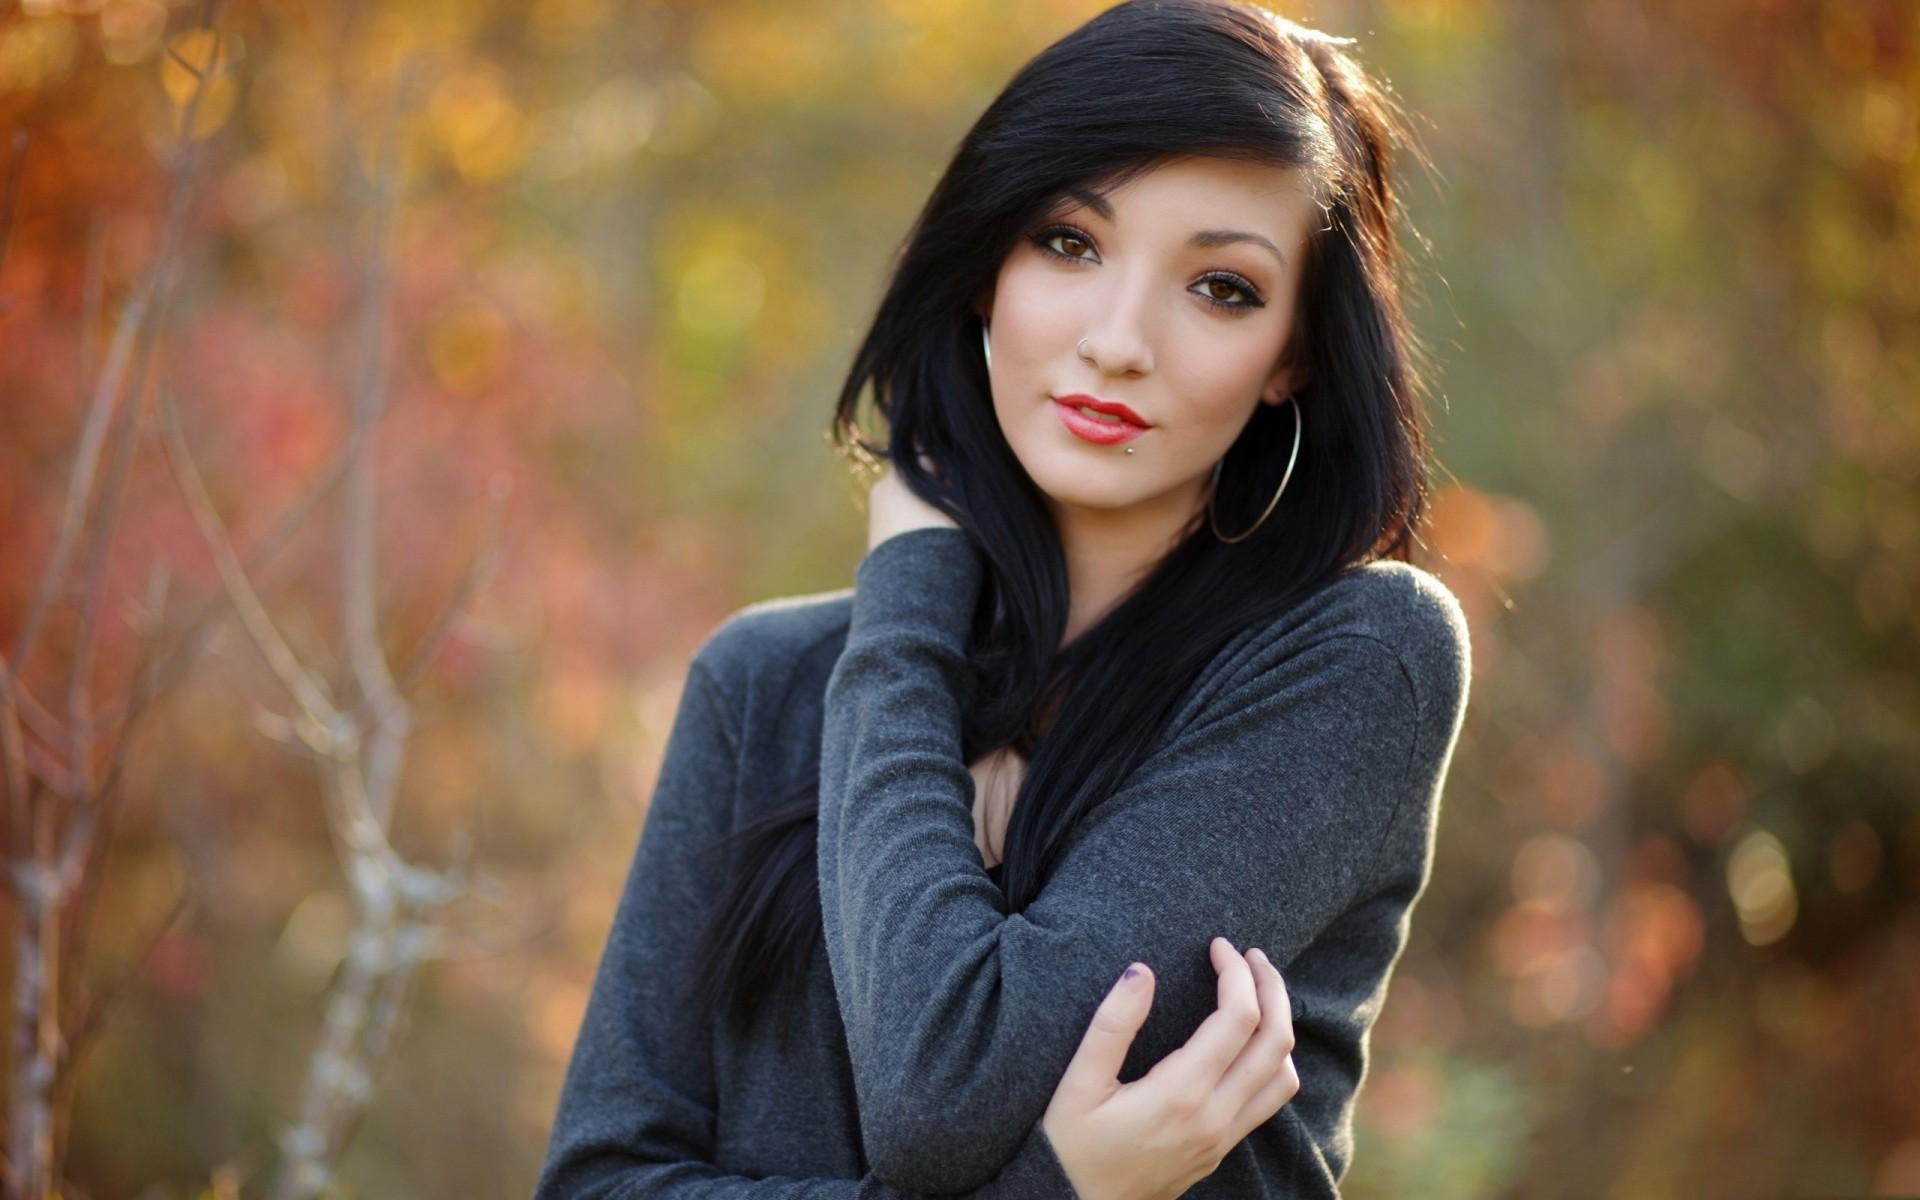 Фото красивой девушки брюнетки 10 фото, Длинноногие брюнетки (66 фото) 20 фотография